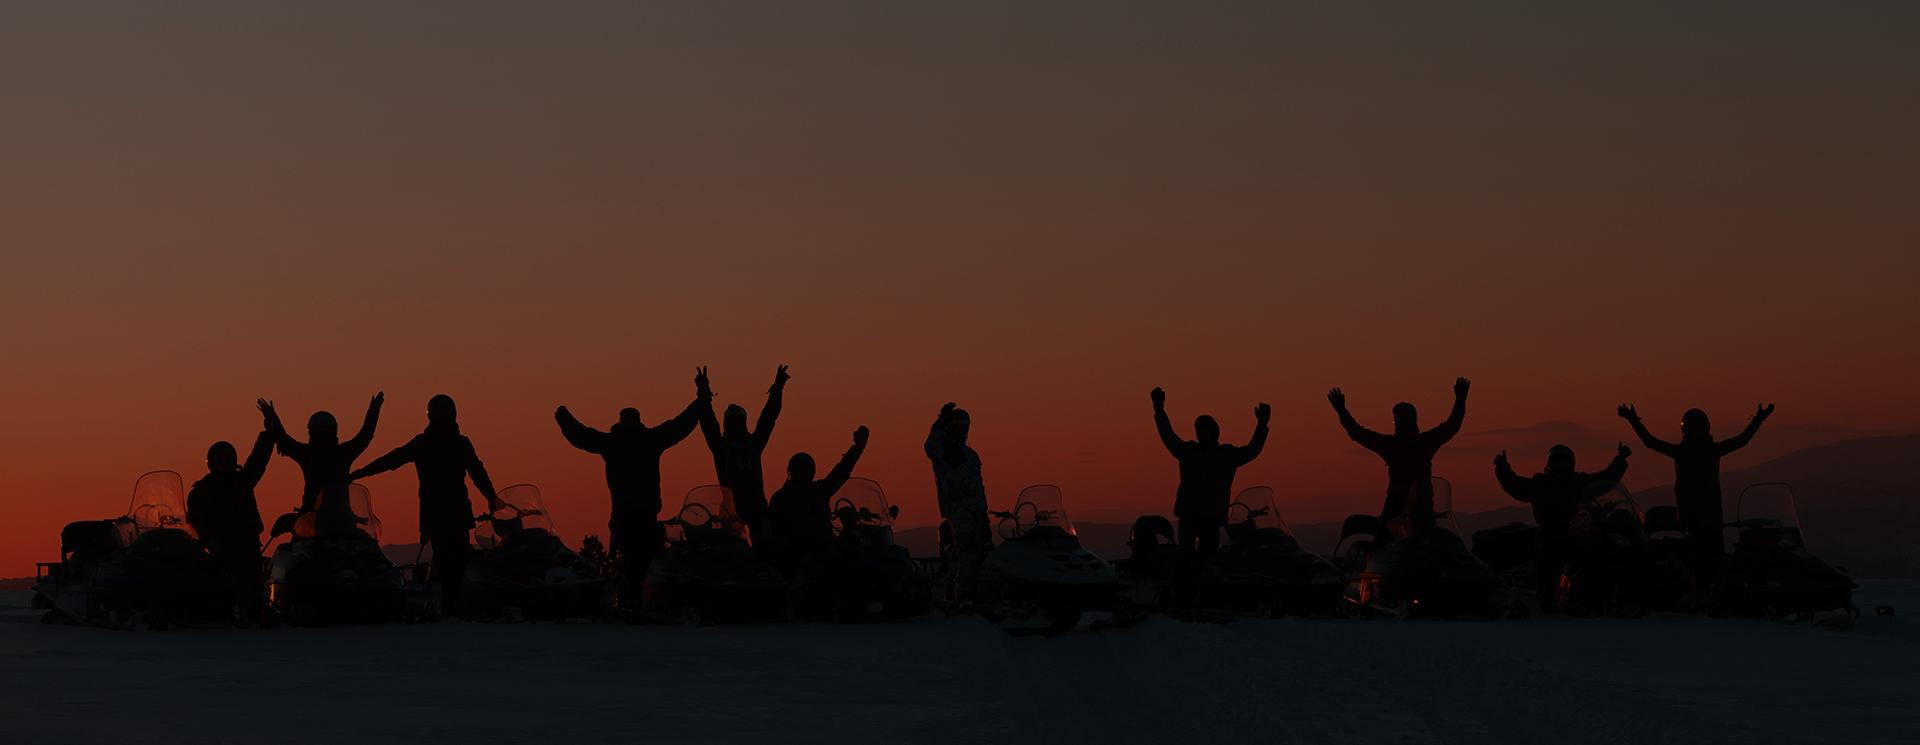 Снегоходные туры и экспедиции на высококлассных снегоходах с ночёвками в таёжных избах